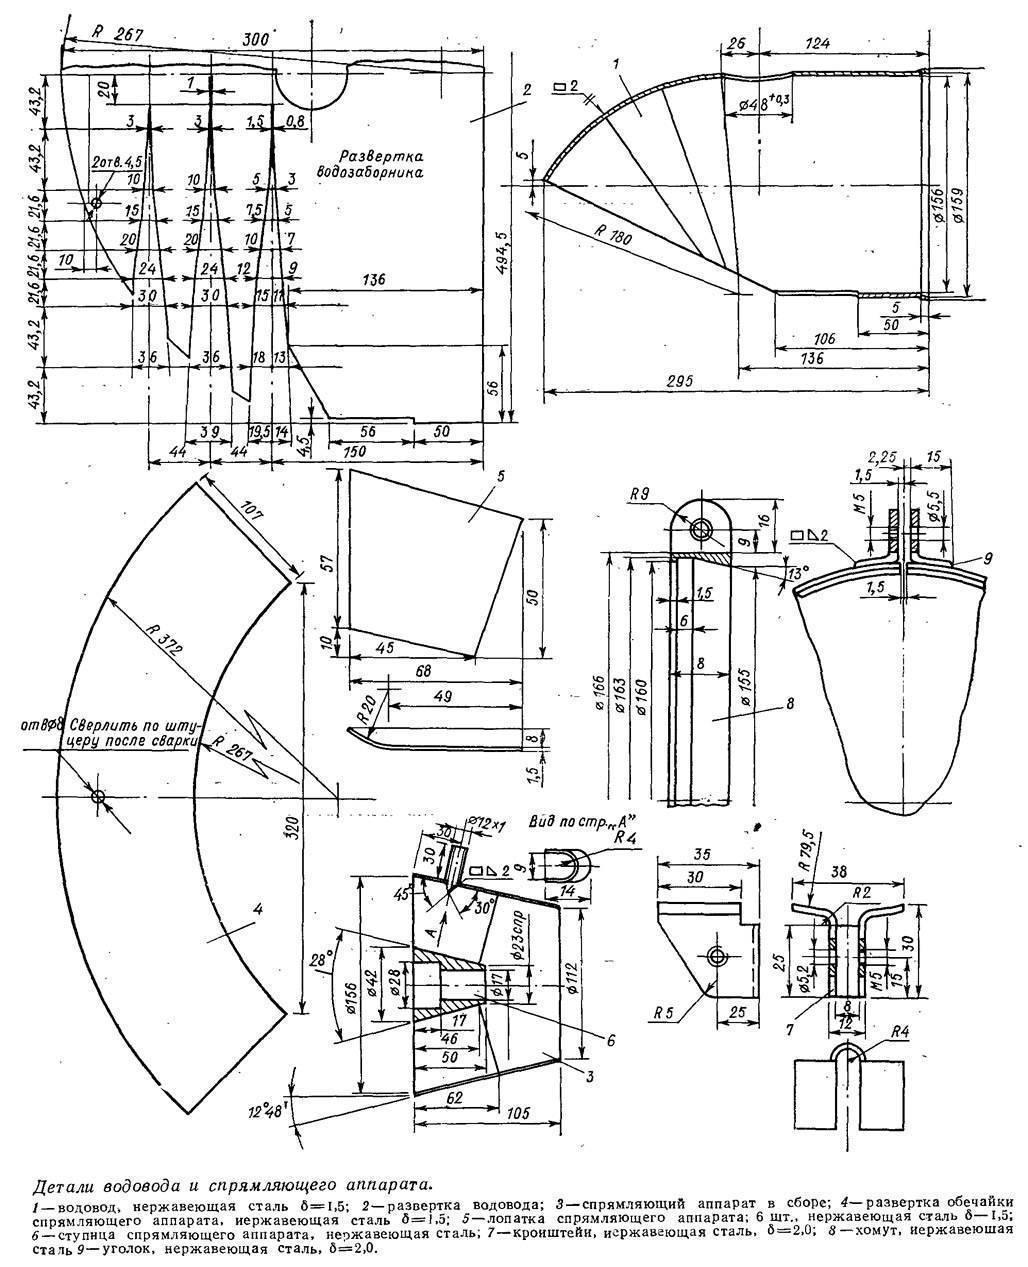 Лодочные моторы самодельные. как сделать лодочный подвесной электромотор своими руками